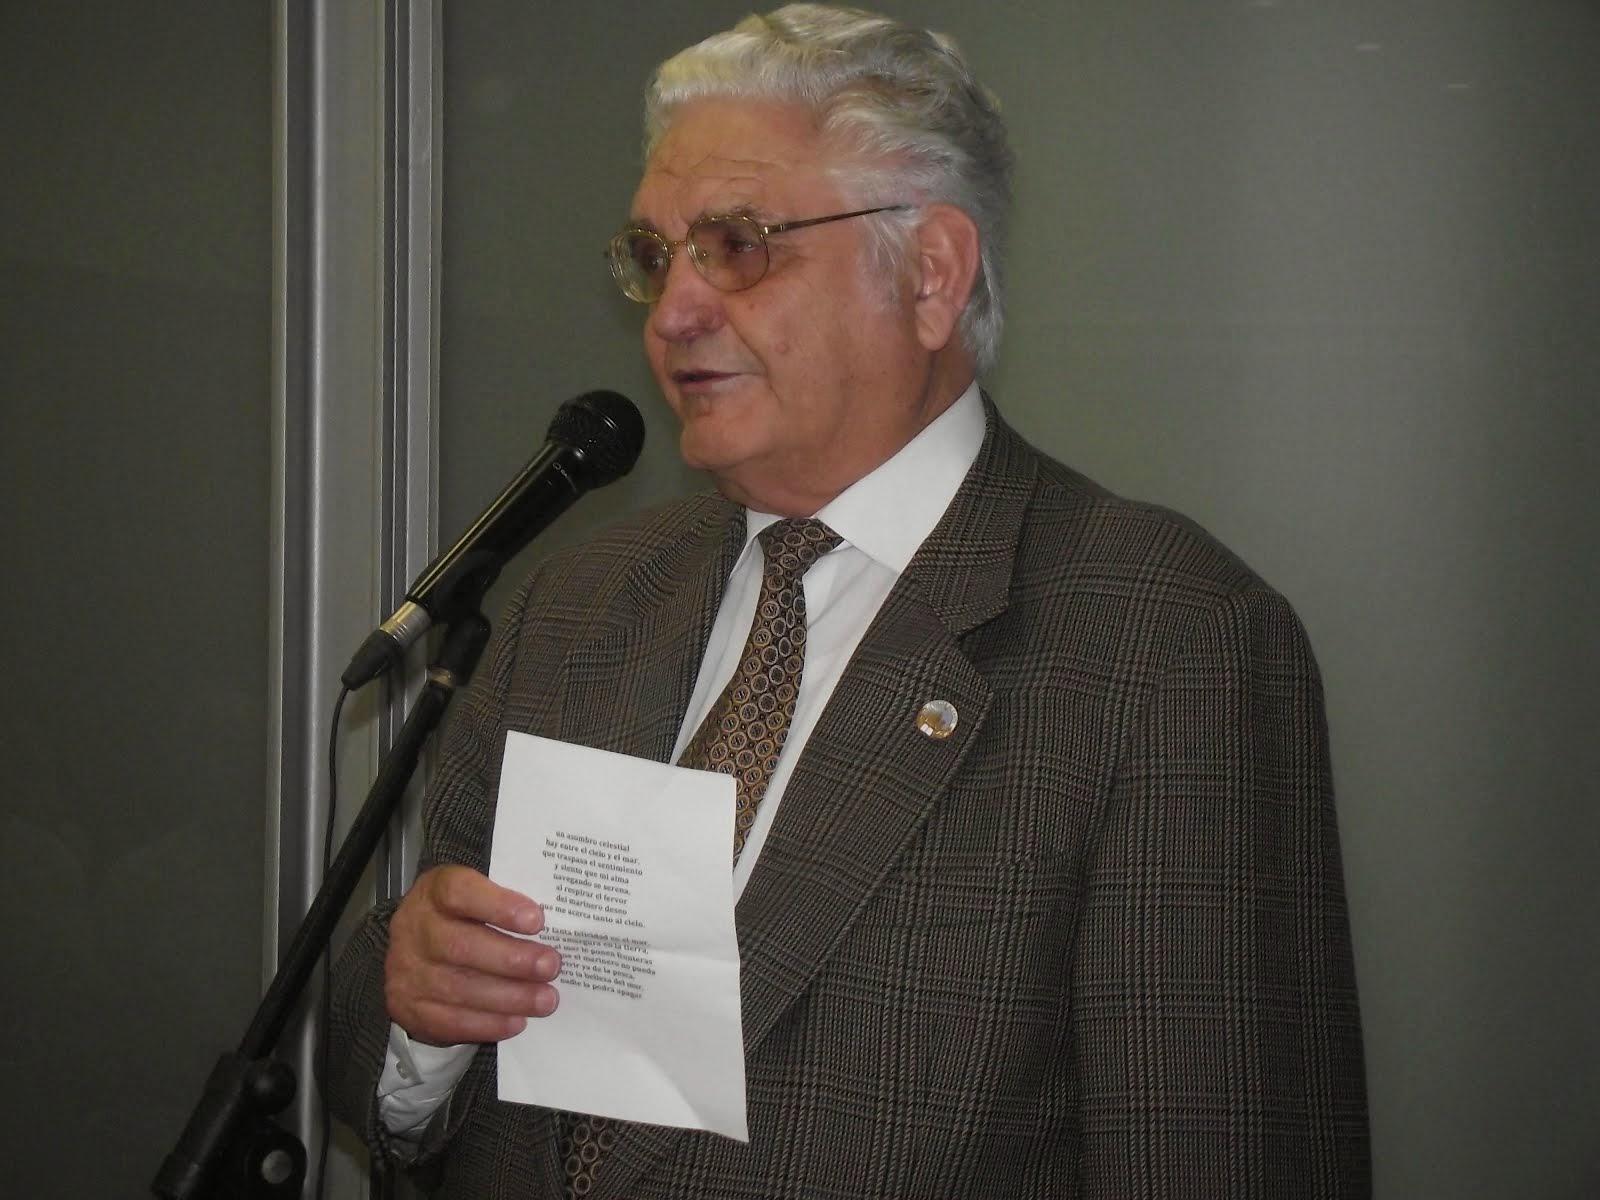 Anselmo Prada León